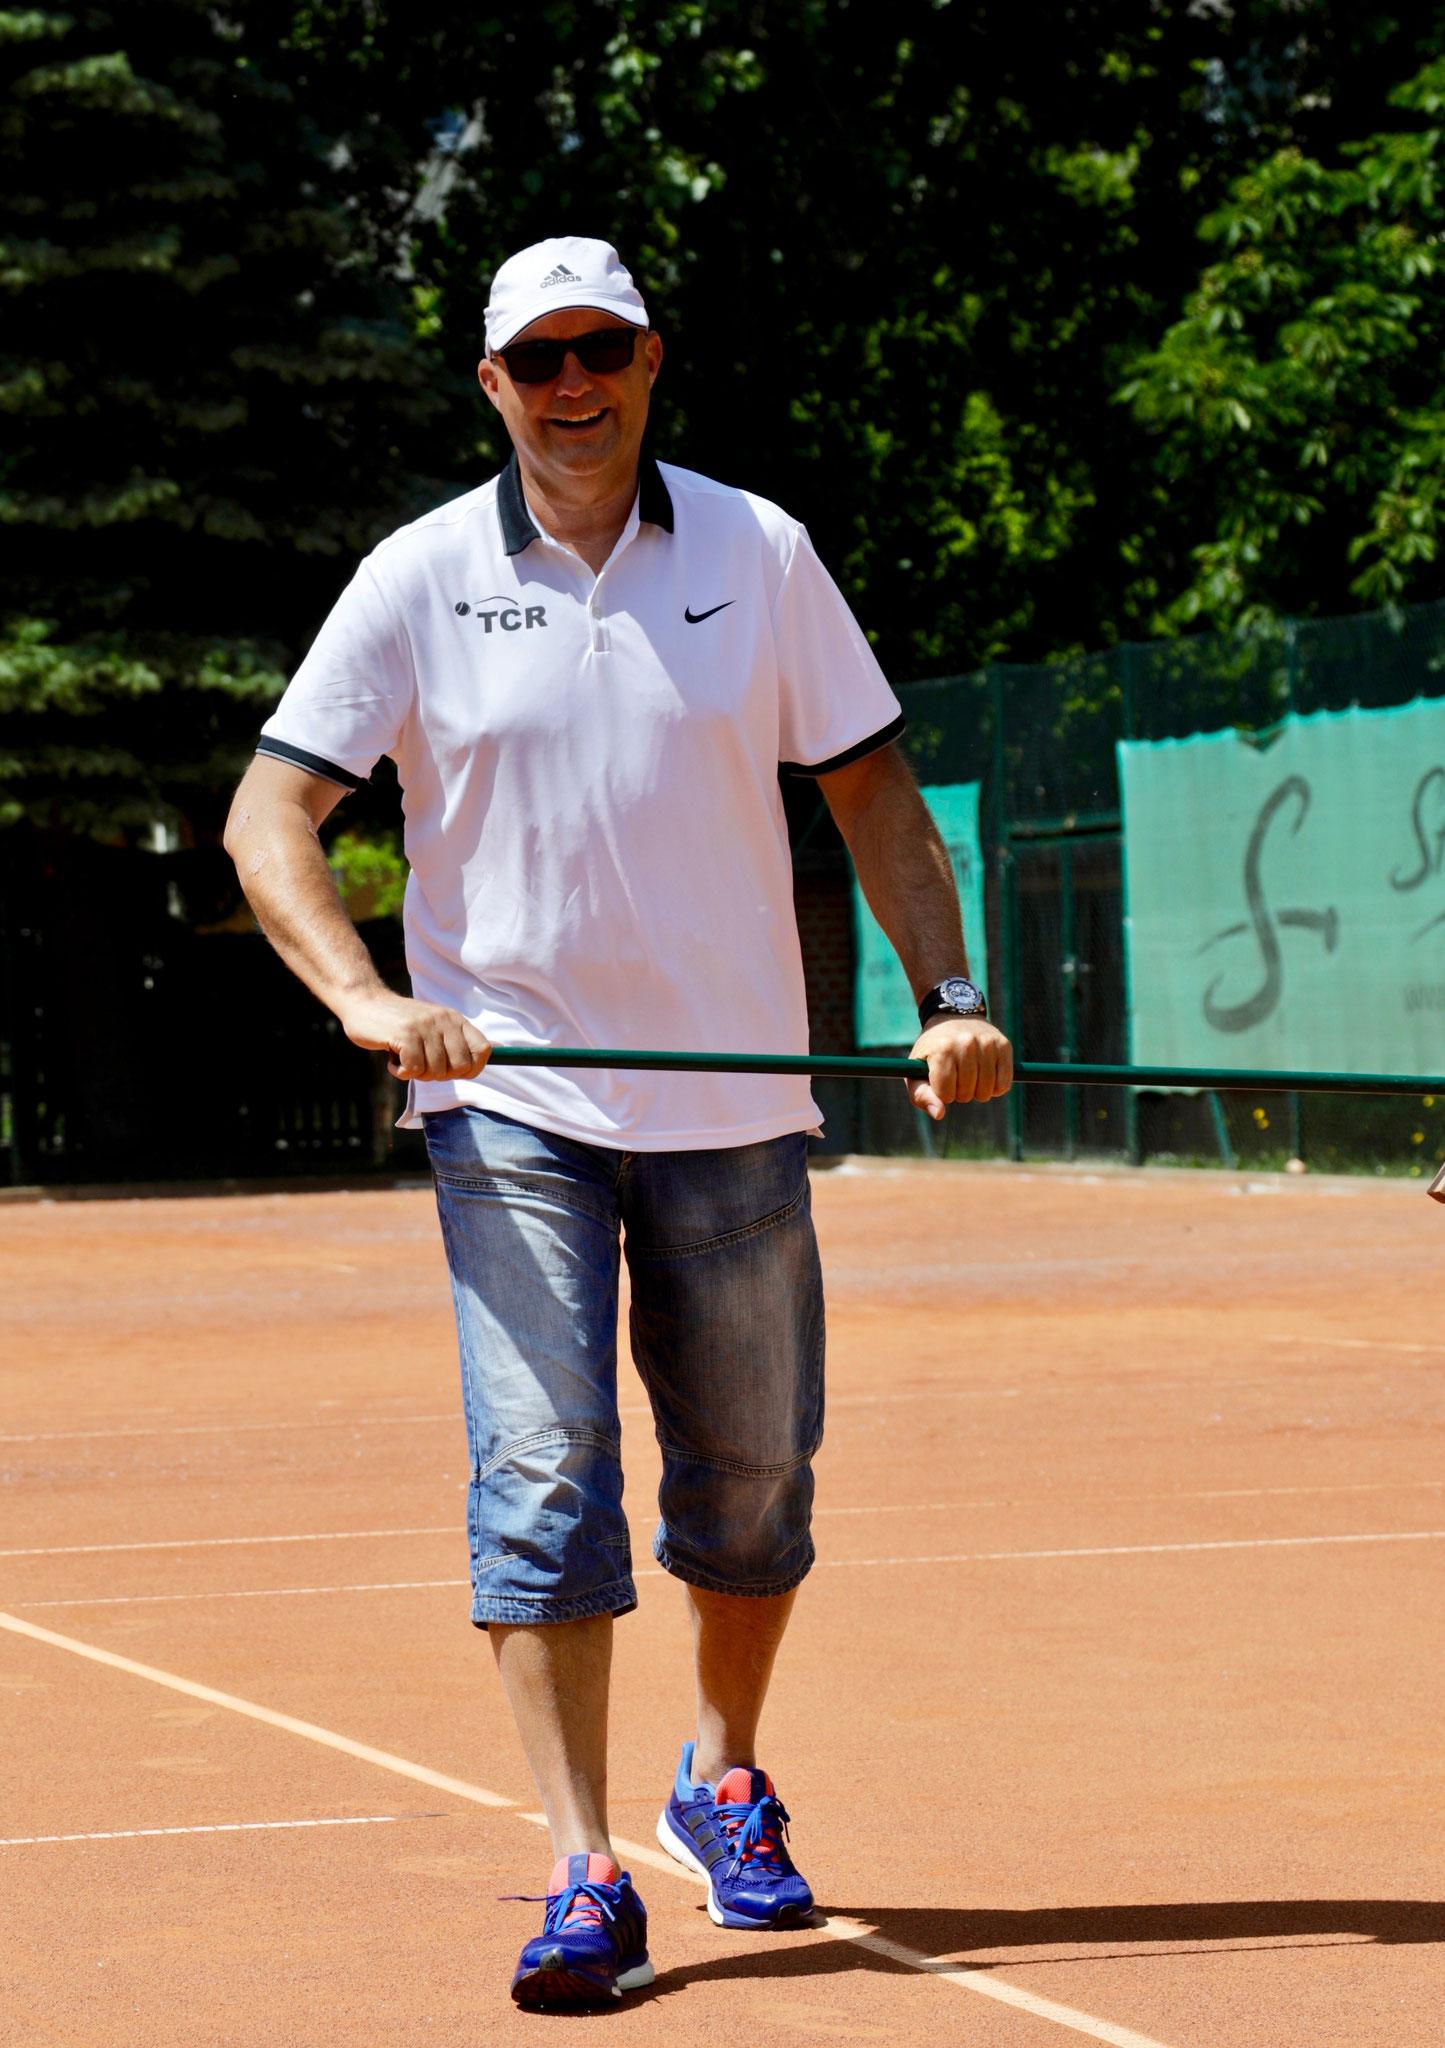 Trainer Jens ist mit der gezeigten Leistung sichtlich zufrieden